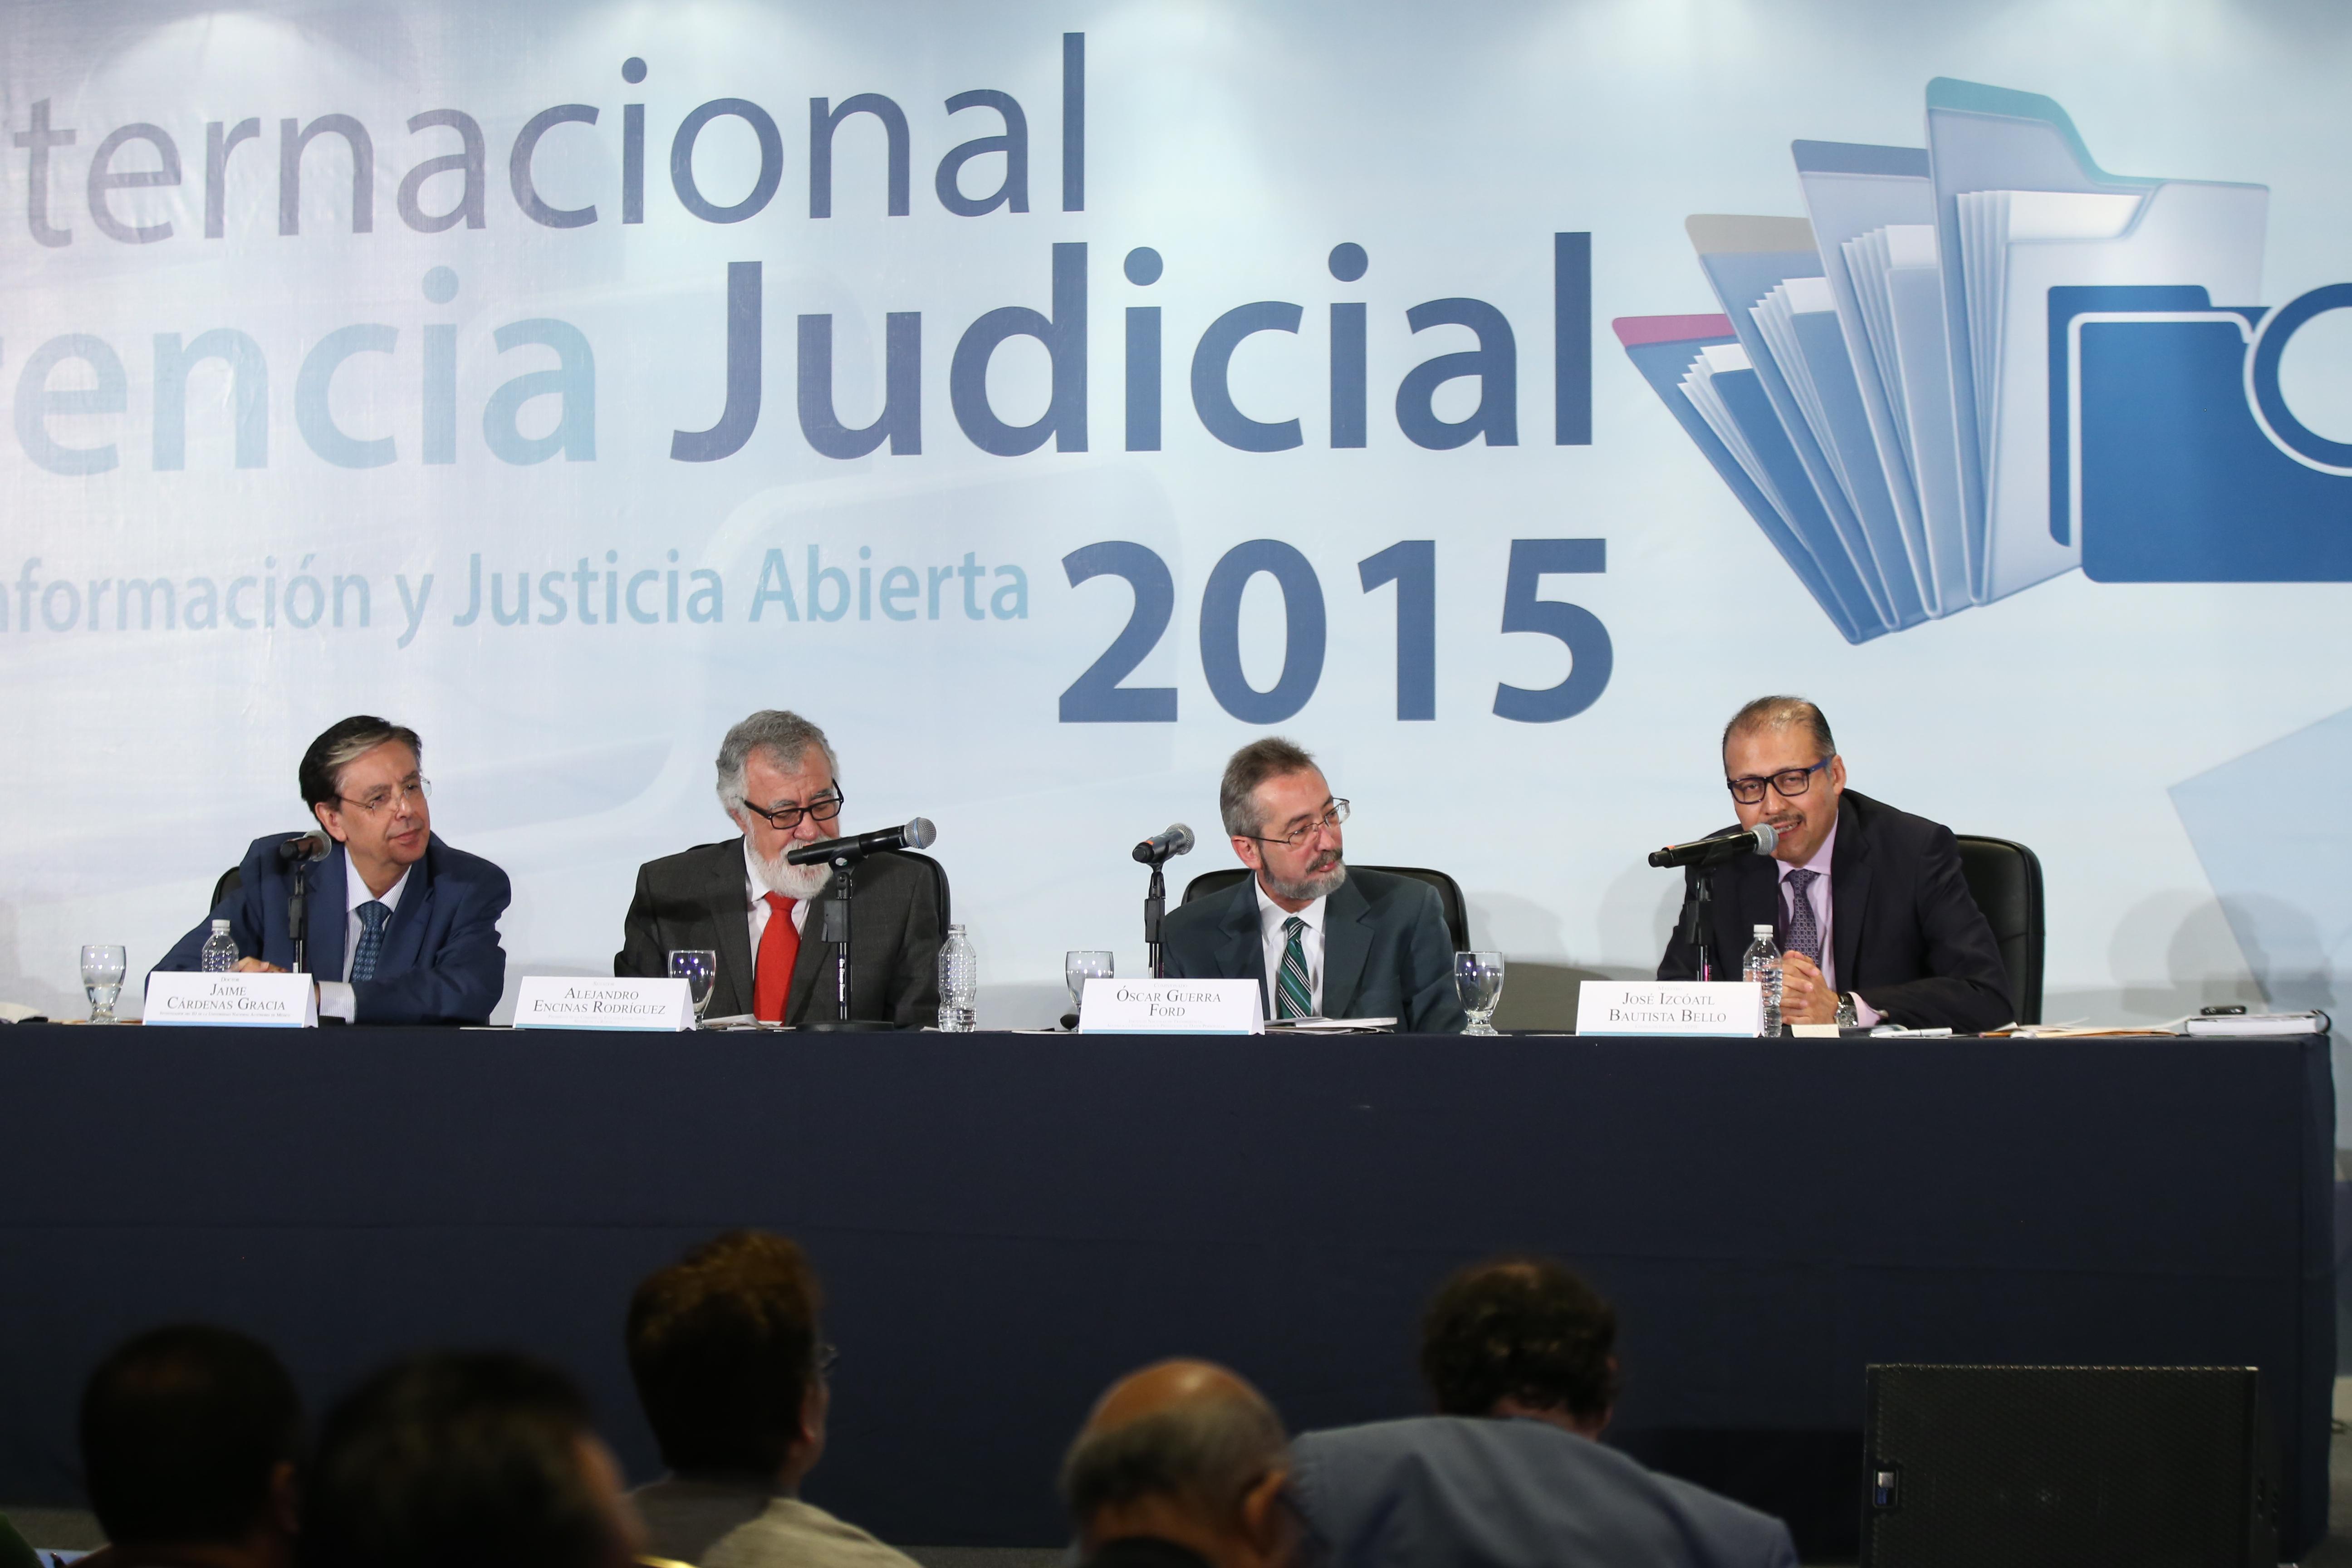 Seminario Internacional de Transparencia Judicial 2015